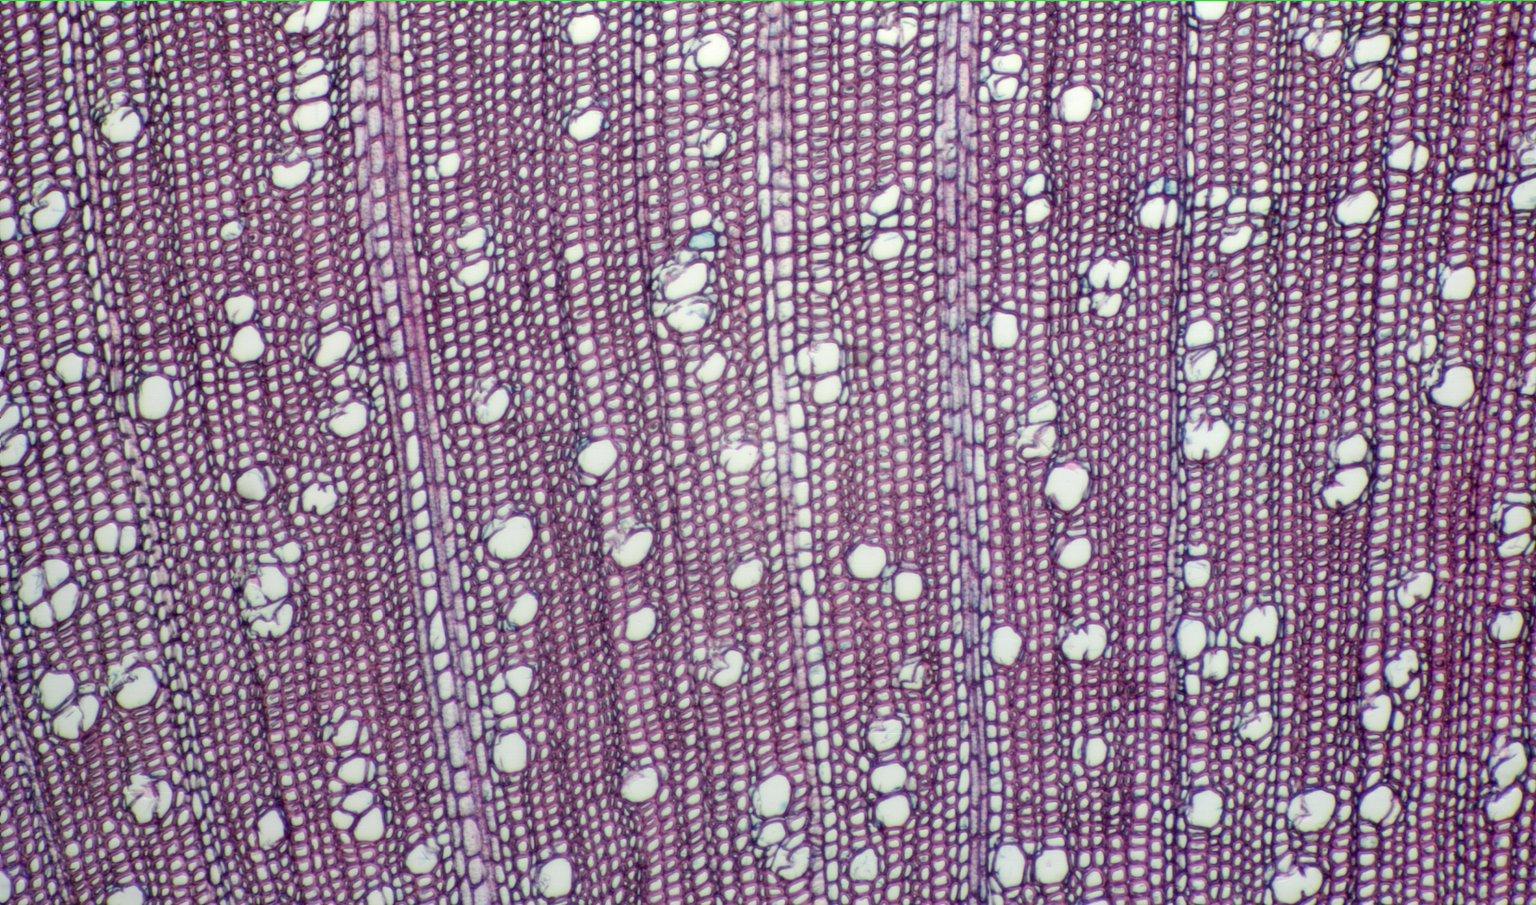 ARALIACEAE Schefflera glabra